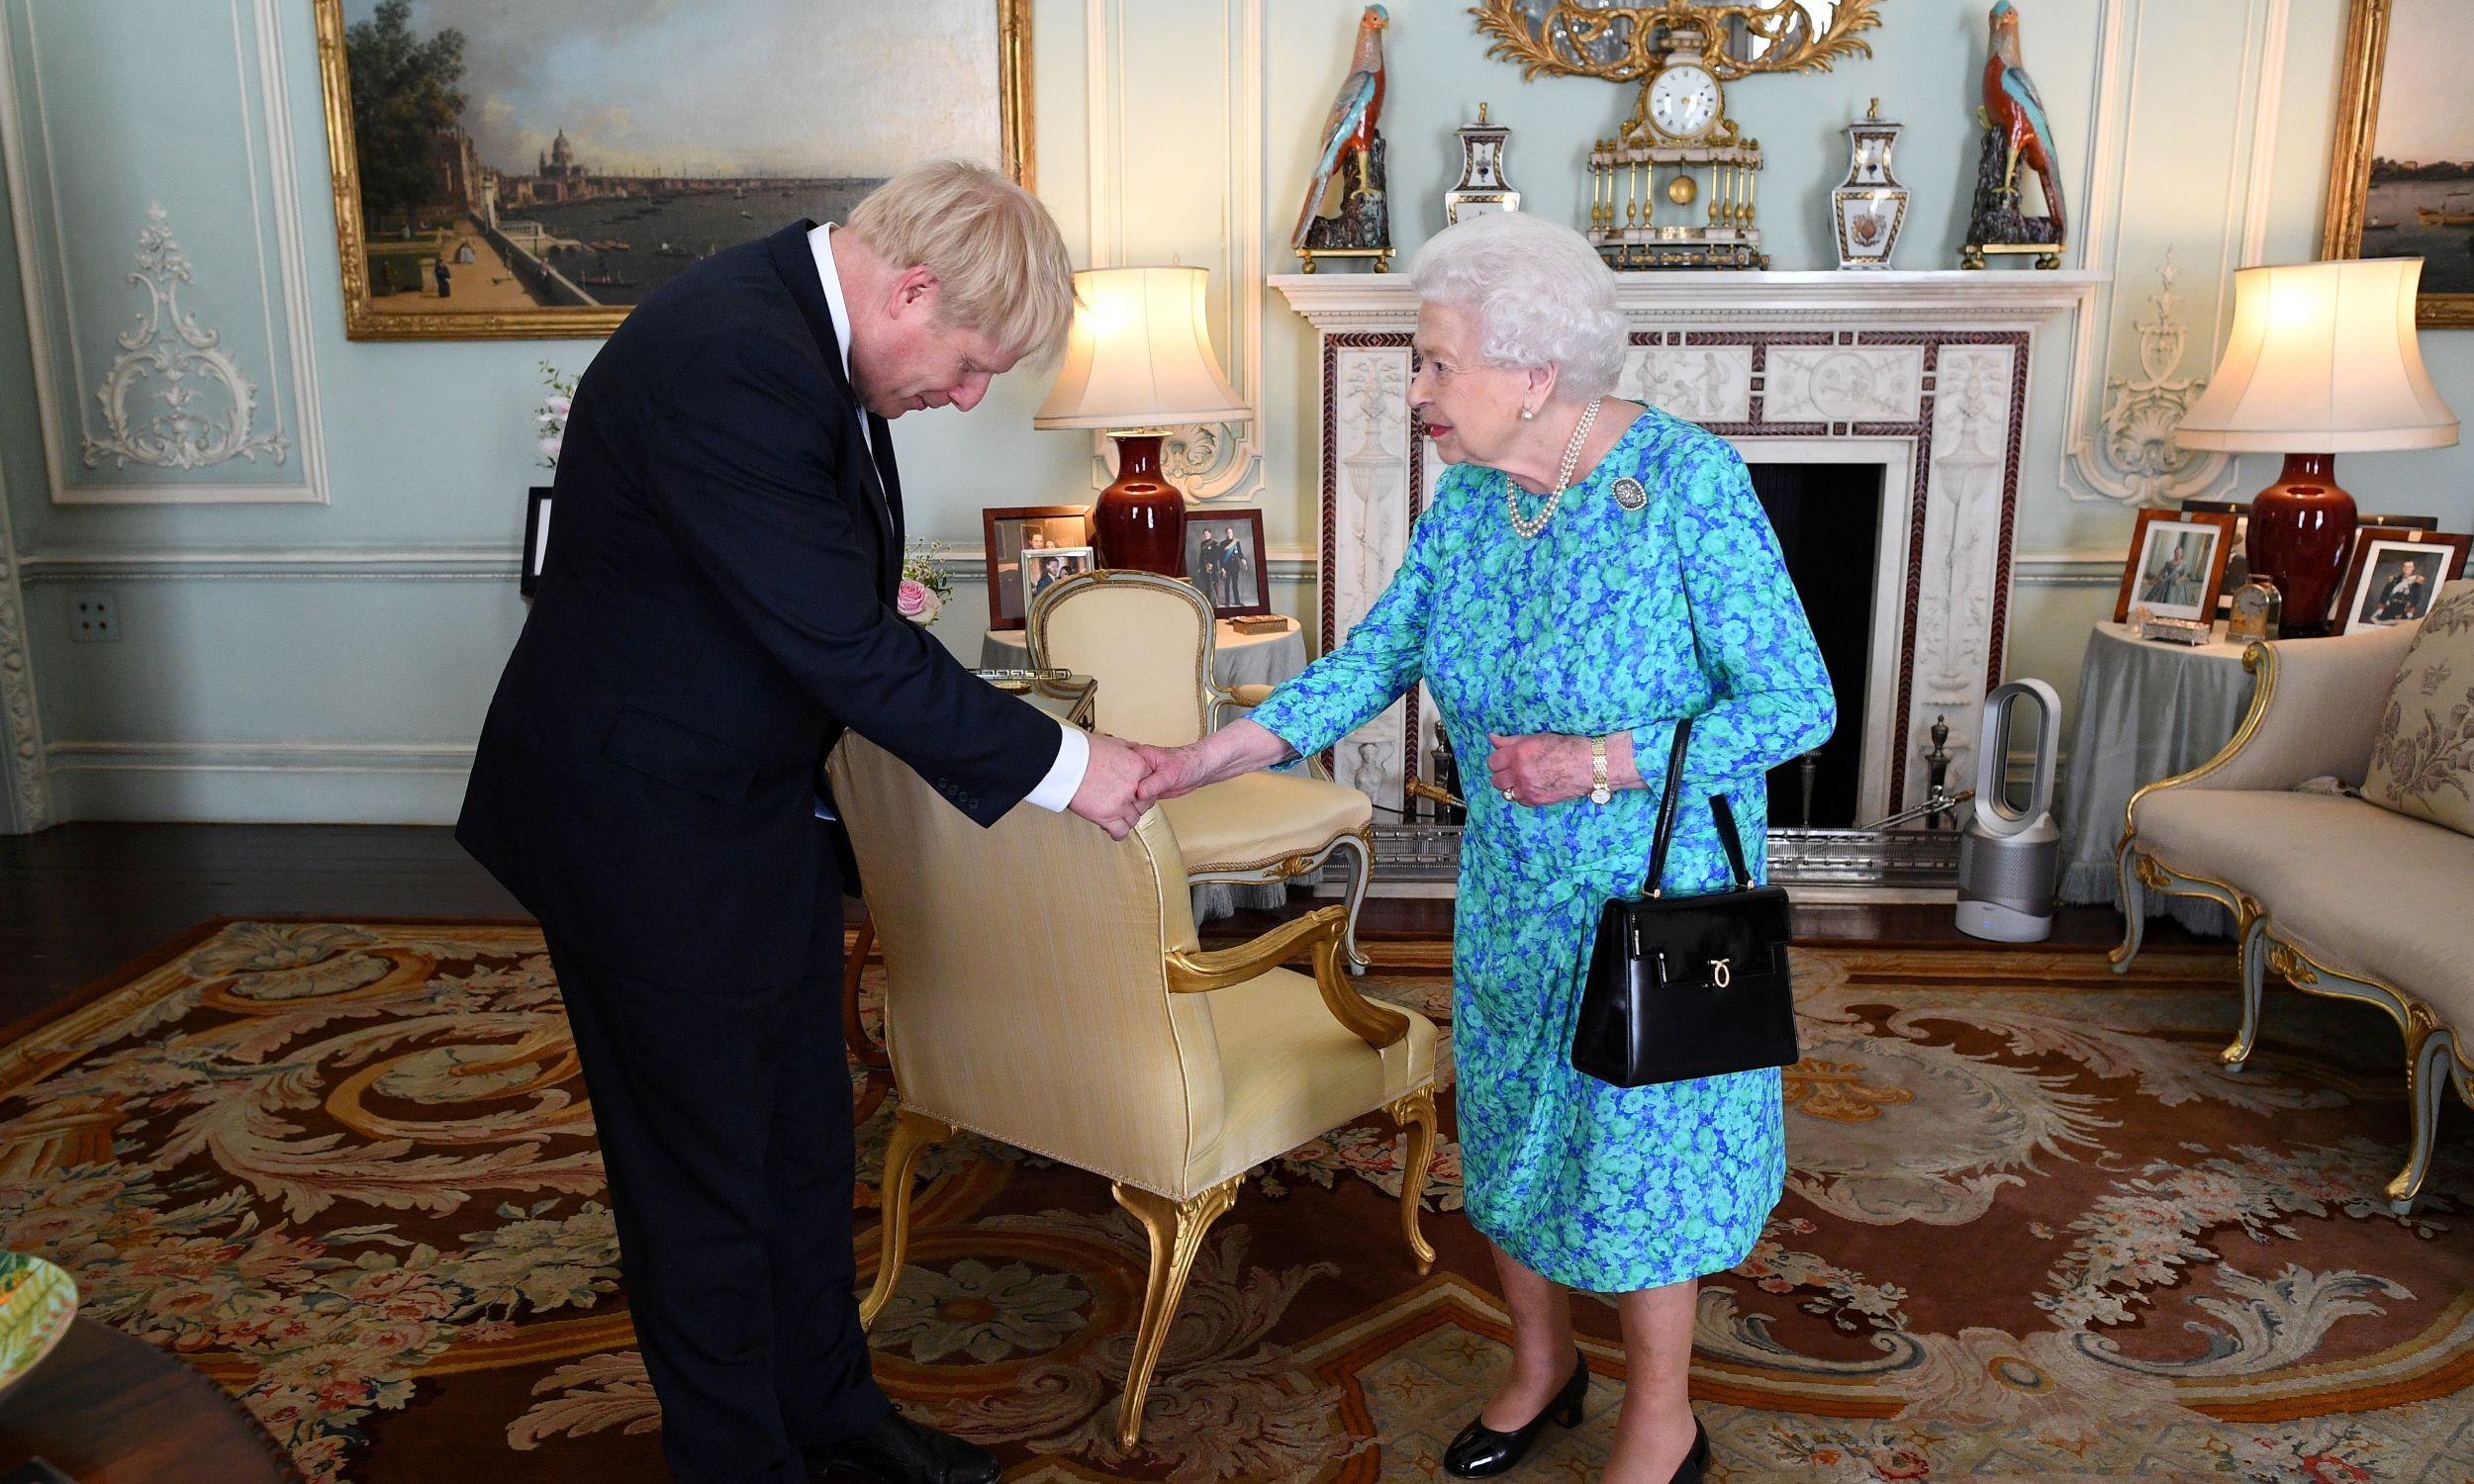 Najwięcej obowiązków ma królowa, w związku z czym jej wynagrodzenie wyniesie w tym roku 82 mln funtów. Na zdjęciu: premier Boris Johnson na audiencji u monarchini. Fot. Victoria Jones/via REUTERS